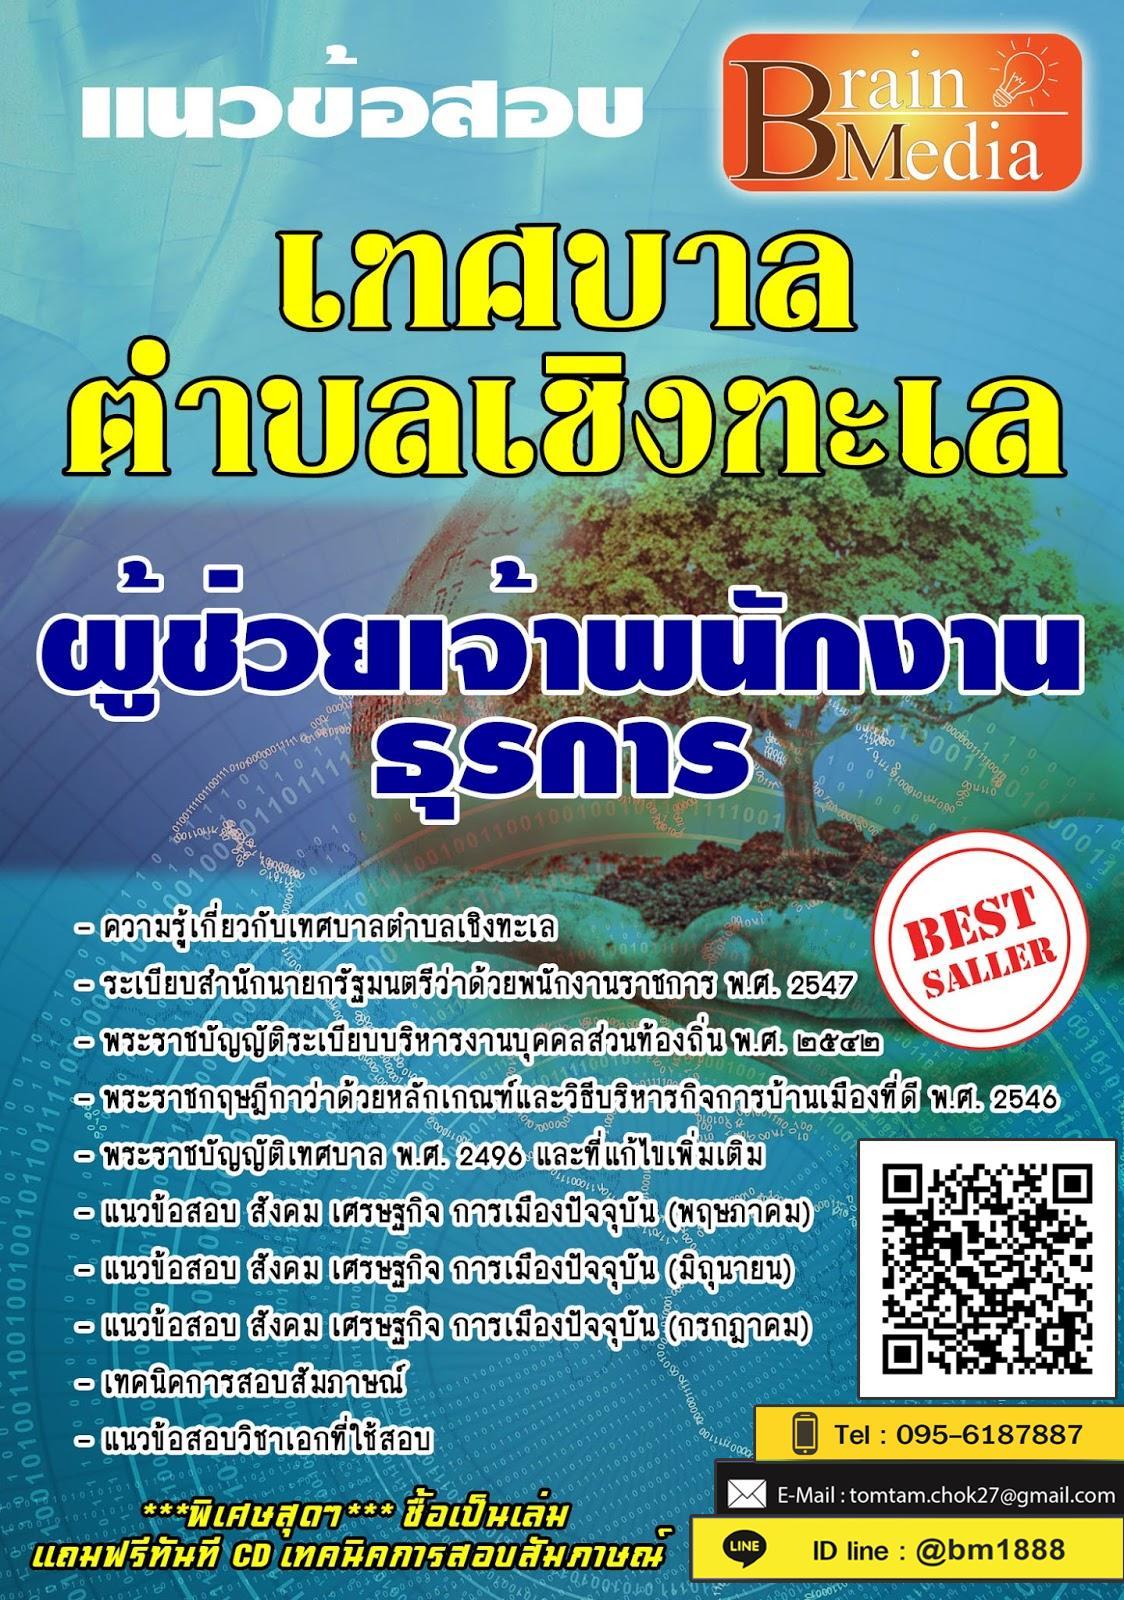 แนวข้อสอบ(งานราชการ) ผู้ช่วยเจ้าพนักงานธุรการ เทศบาลตำบลเชิงทะเล พร้อมเฉลย